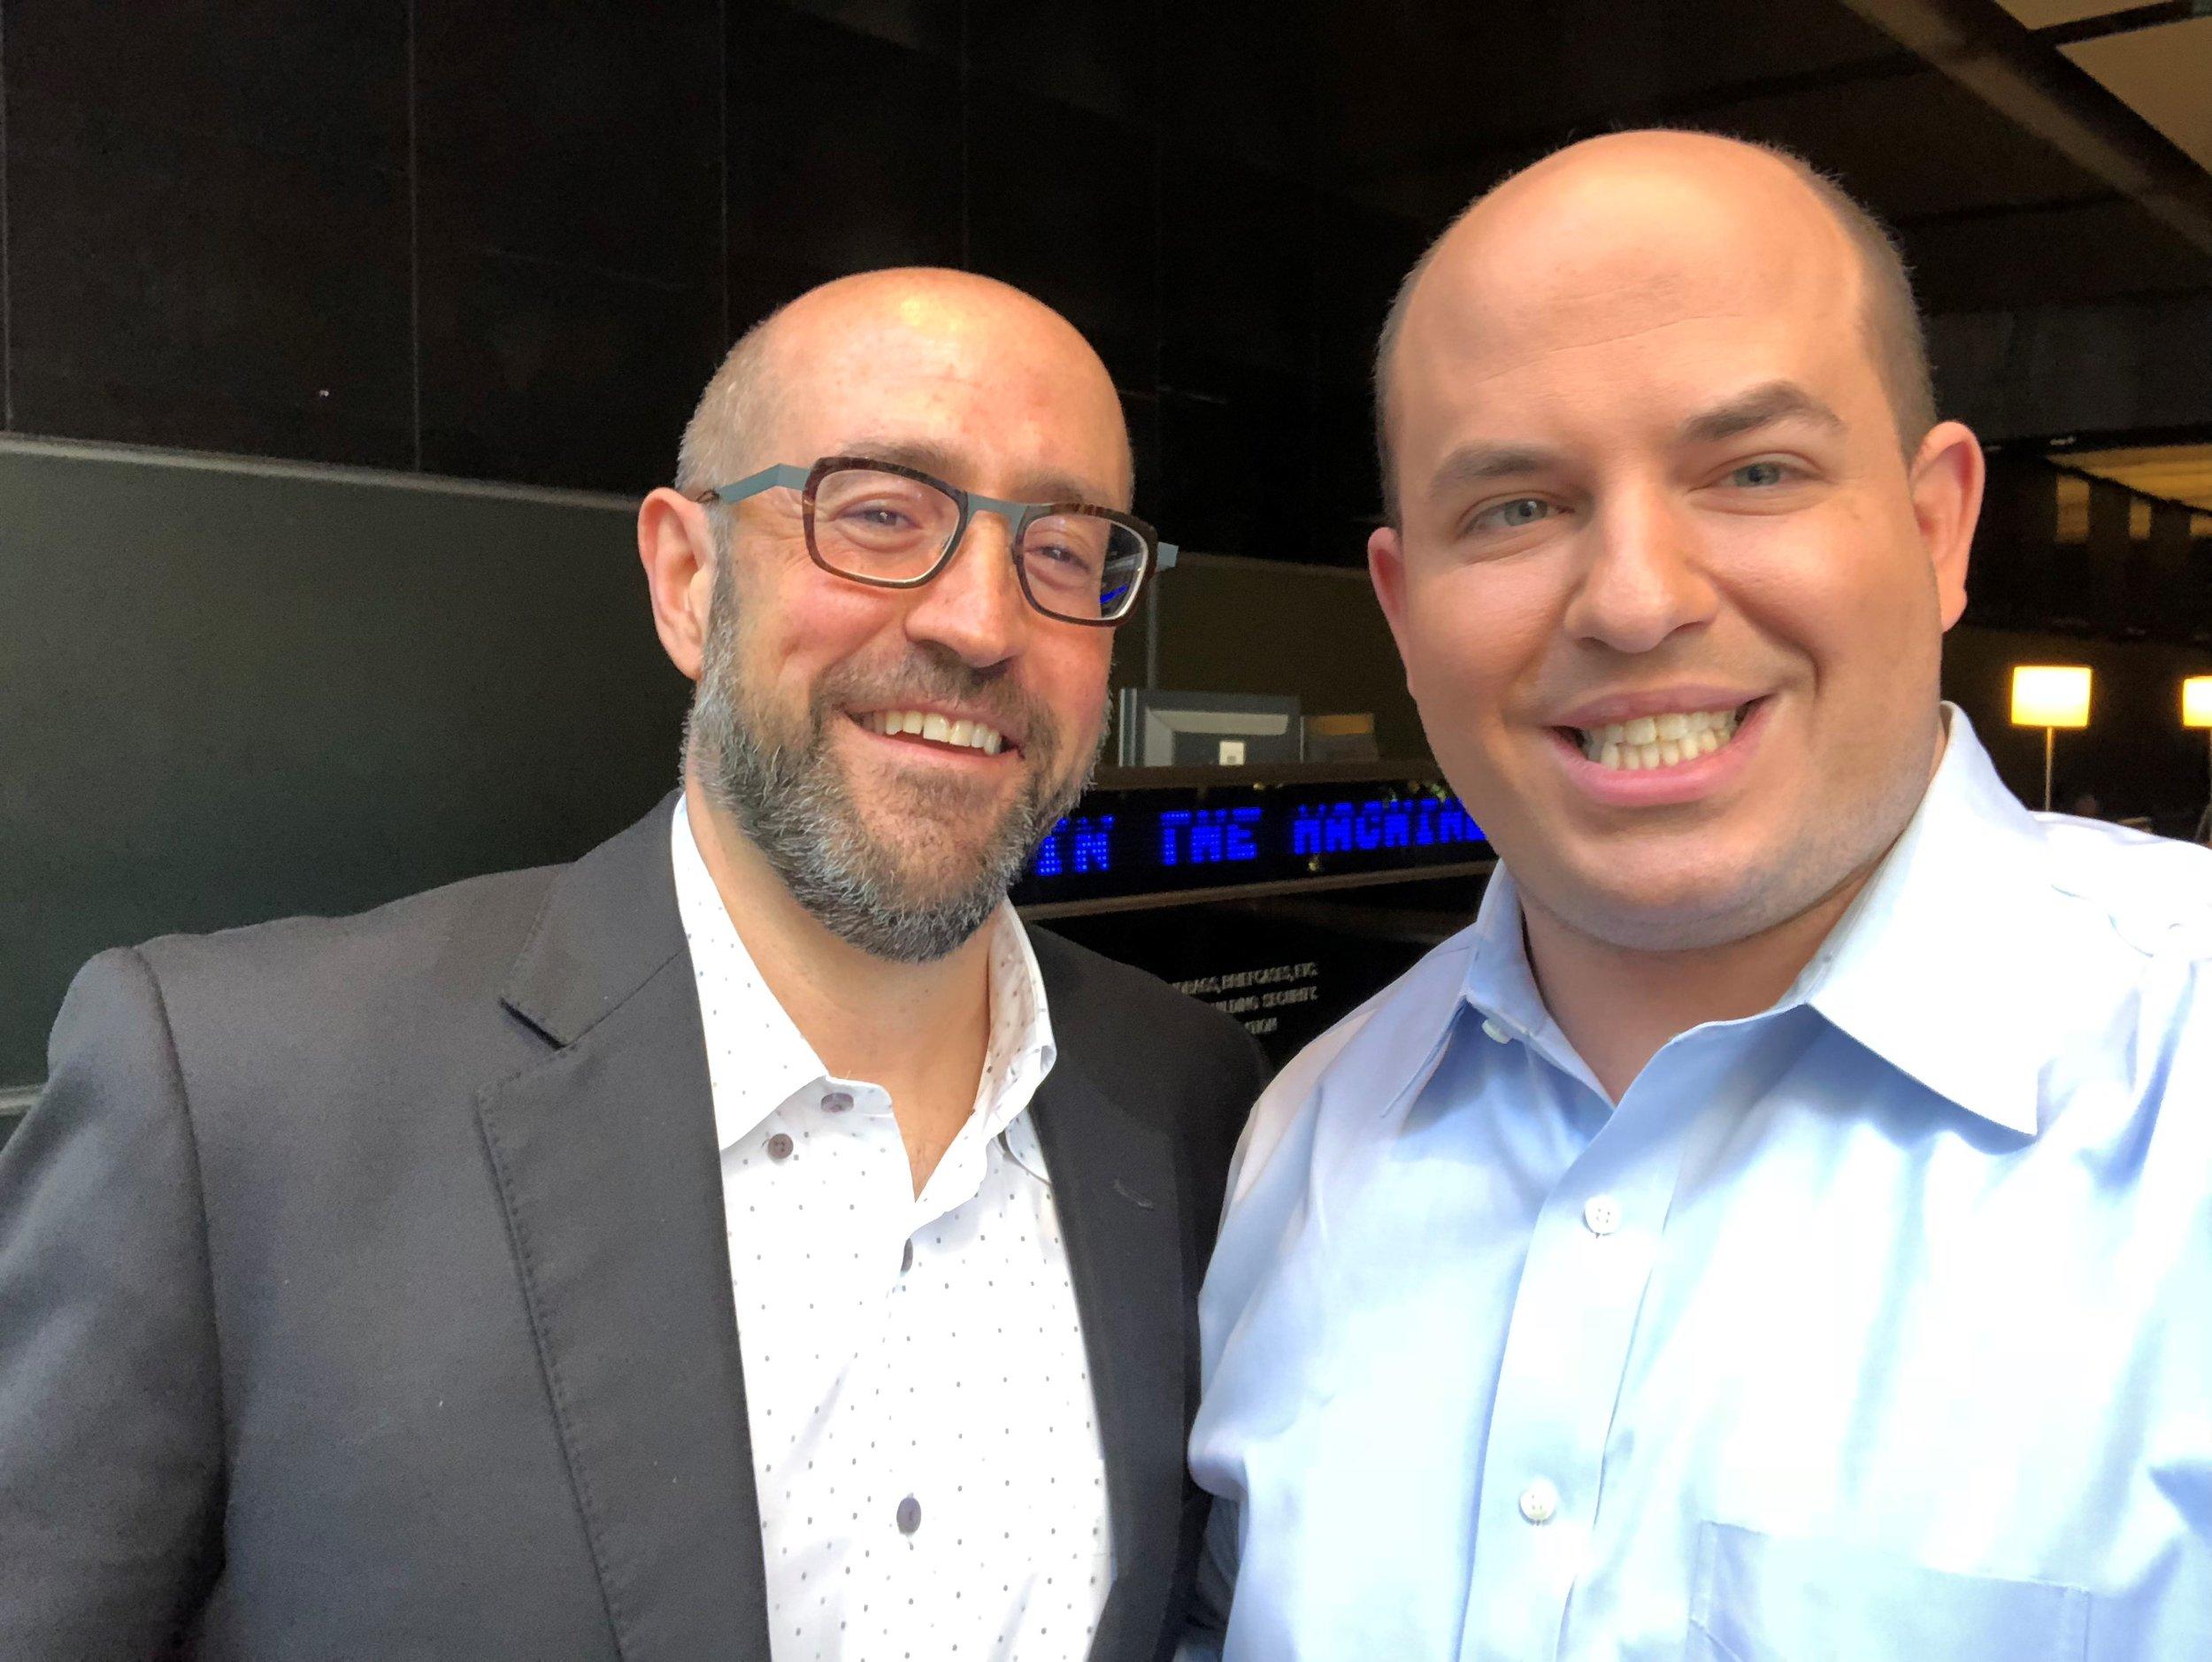 Jay Rosenzweig & Brian Stelter